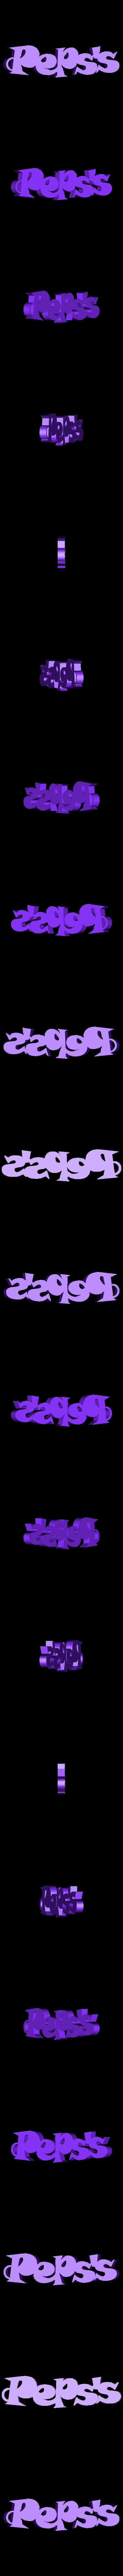 C8a3656b 63ea 4879 9244 e00c6cb5023f